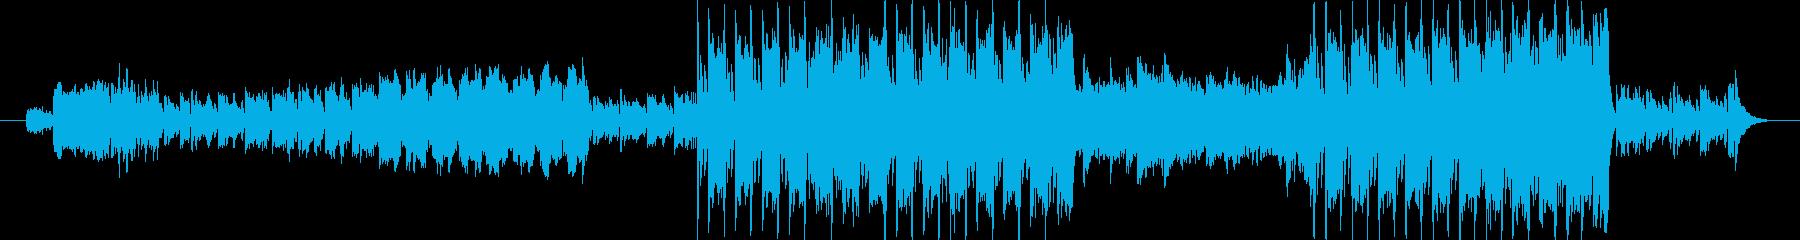 ミステリアスなファンタジーBGMの再生済みの波形